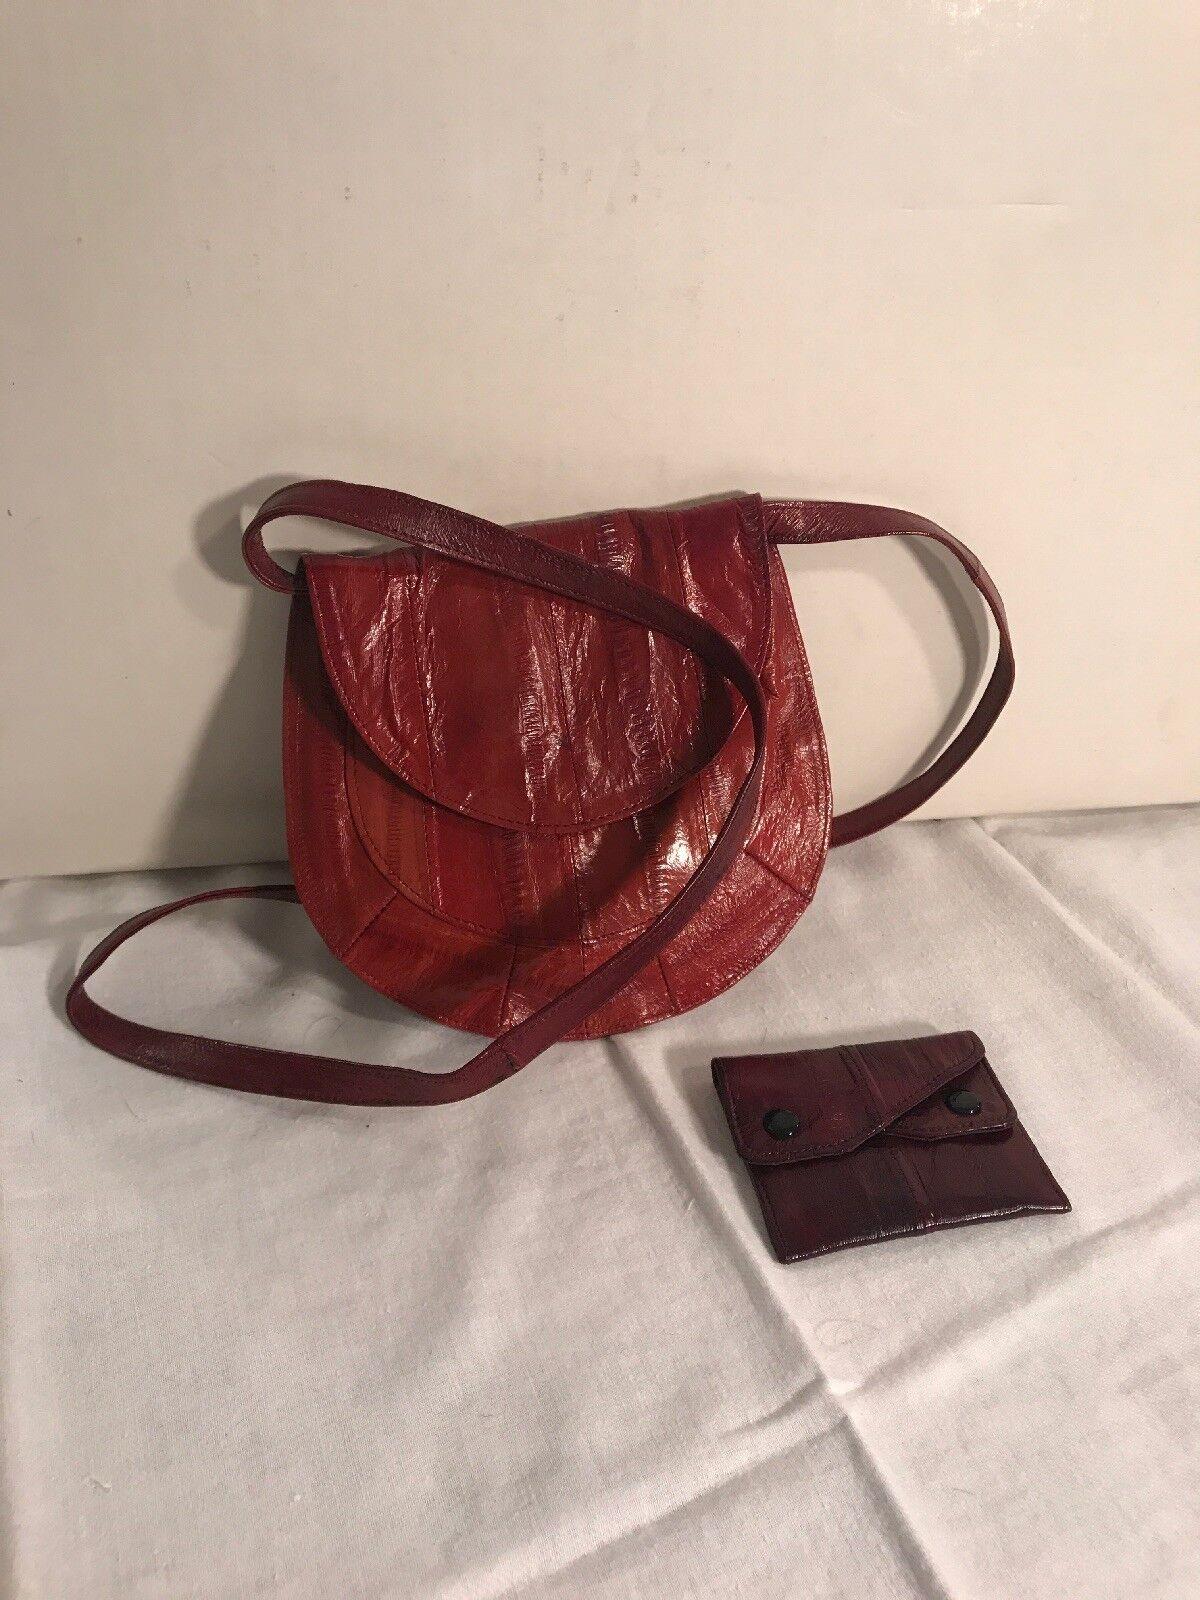 Vintage, Danen Handtasche, Echt Leder, Clutch, mit Portemonaie | Mama kaufte ein bequemes, Baby ist glücklich  | Ausgezeichnete Leistung  | Haltbarer Service